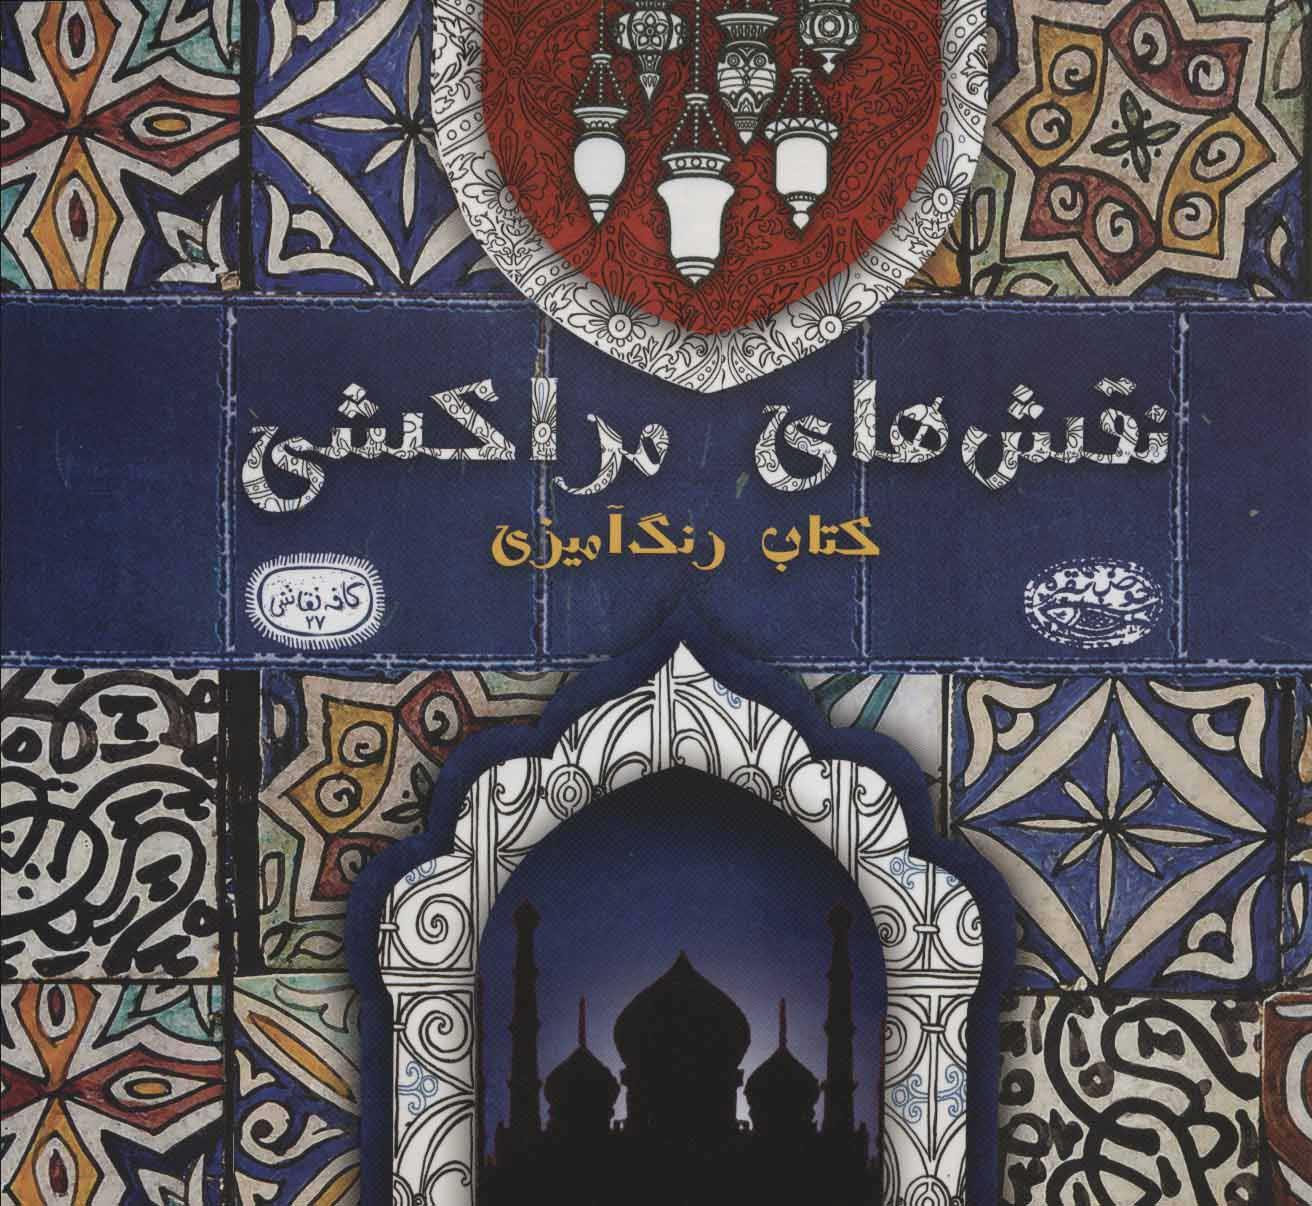 کتاب نقش های مراکشی